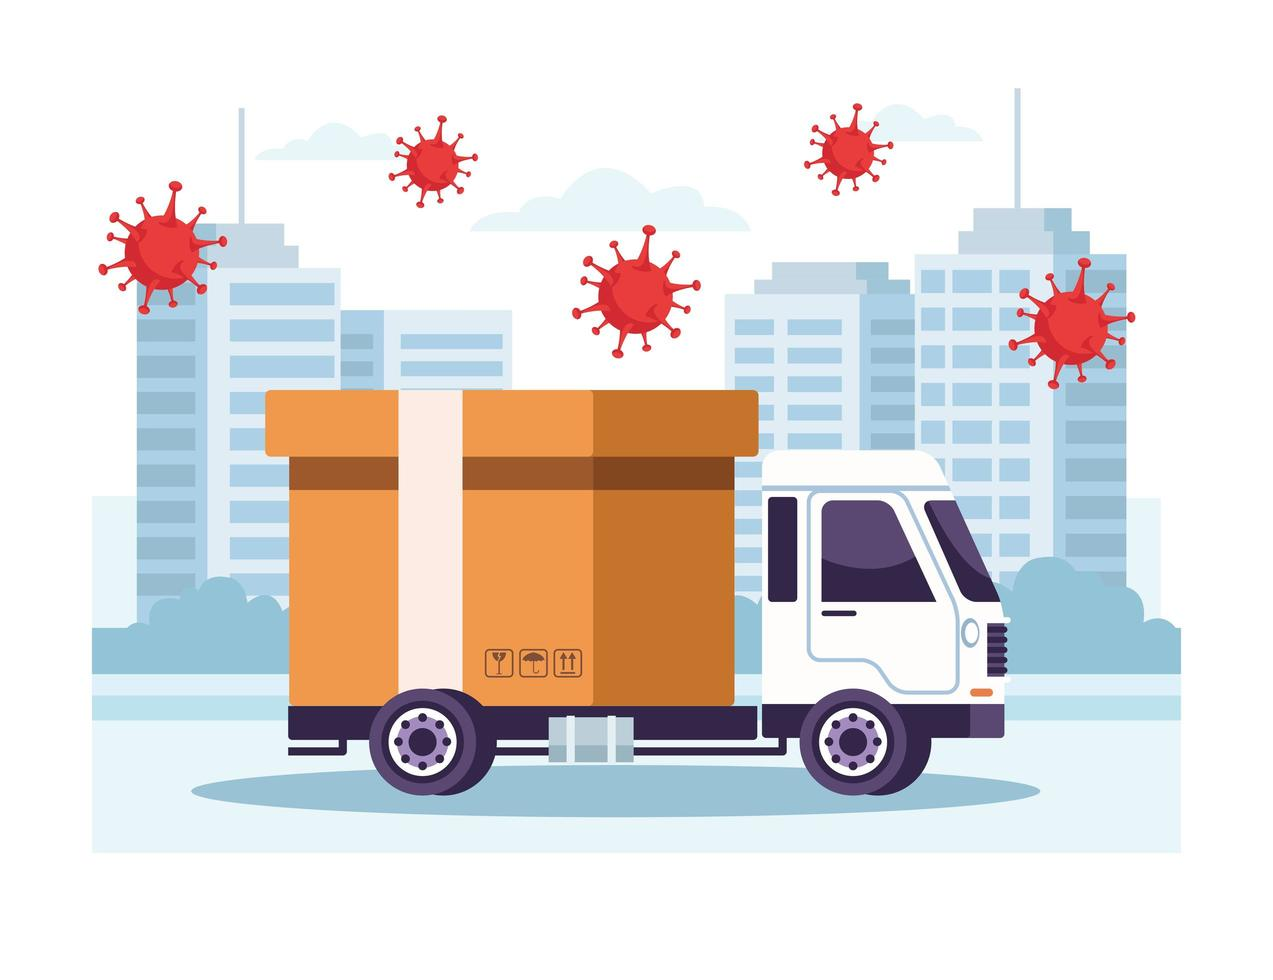 servizio di consegna di camion con alcune 19 particelle covid vettore